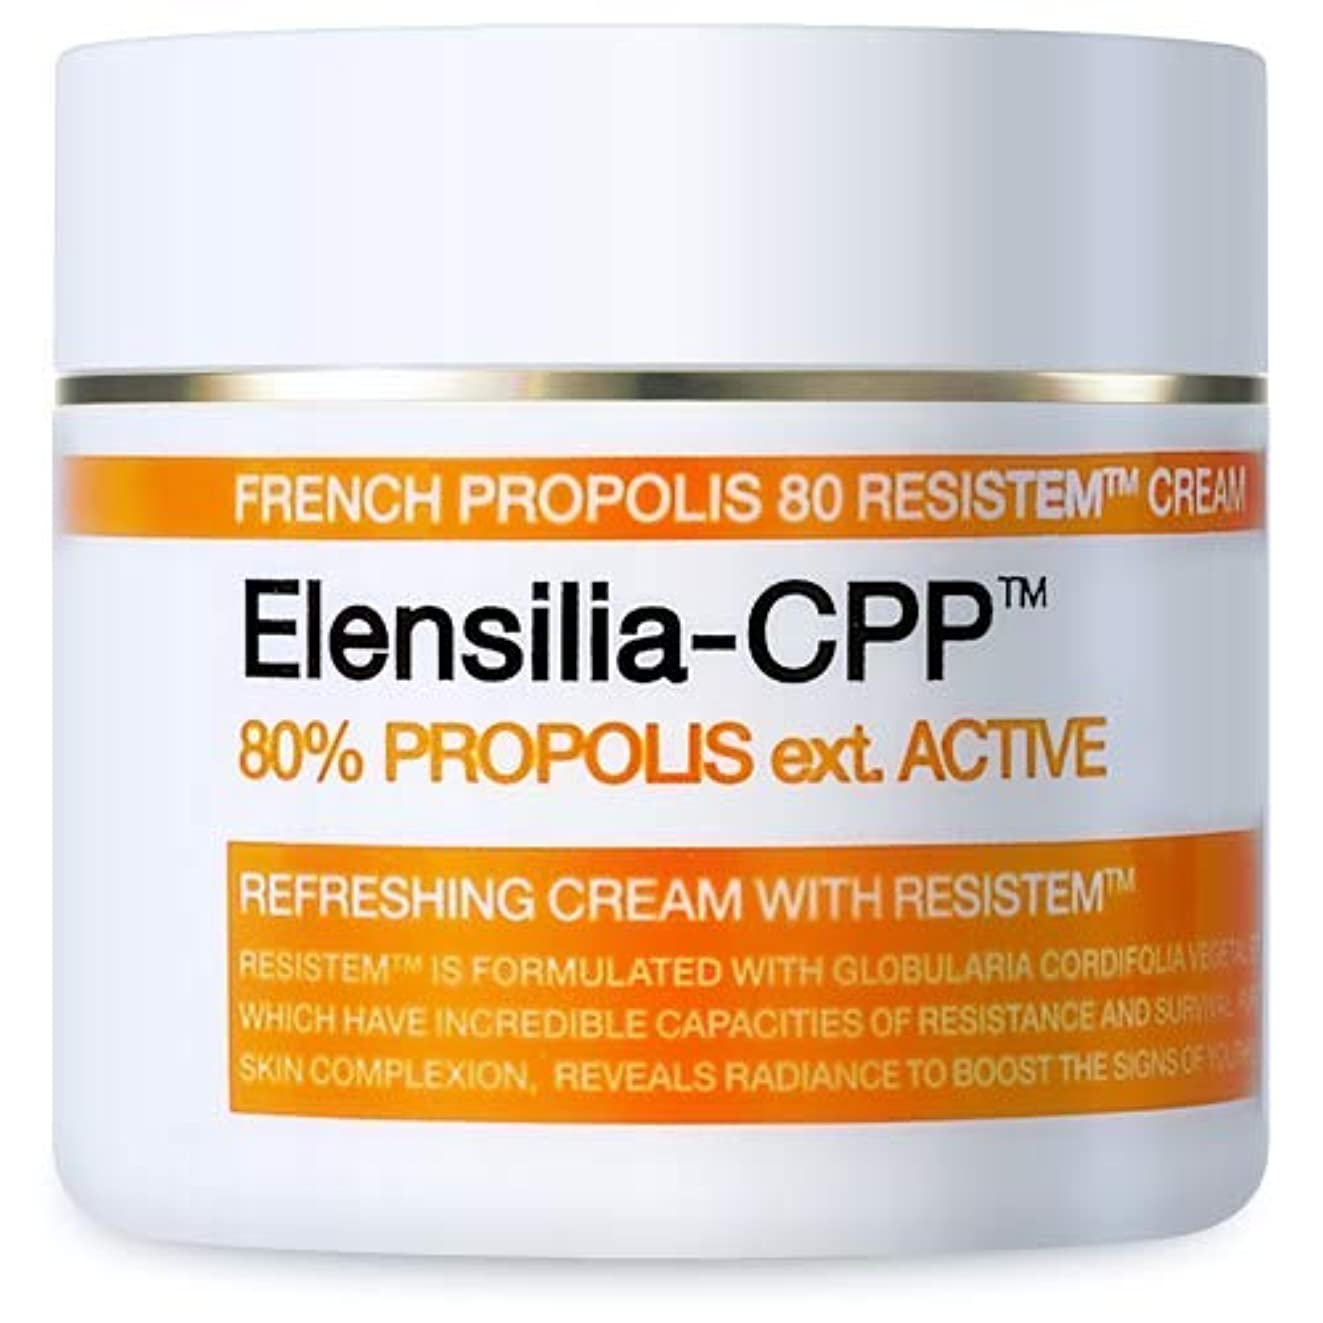 感嘆どっち溶けるElensilia CPP フレンチ プロポリス 80 リシステム クリーム / CPP French Propolis 80 Resistem Cream (50g) [並行輸入品]